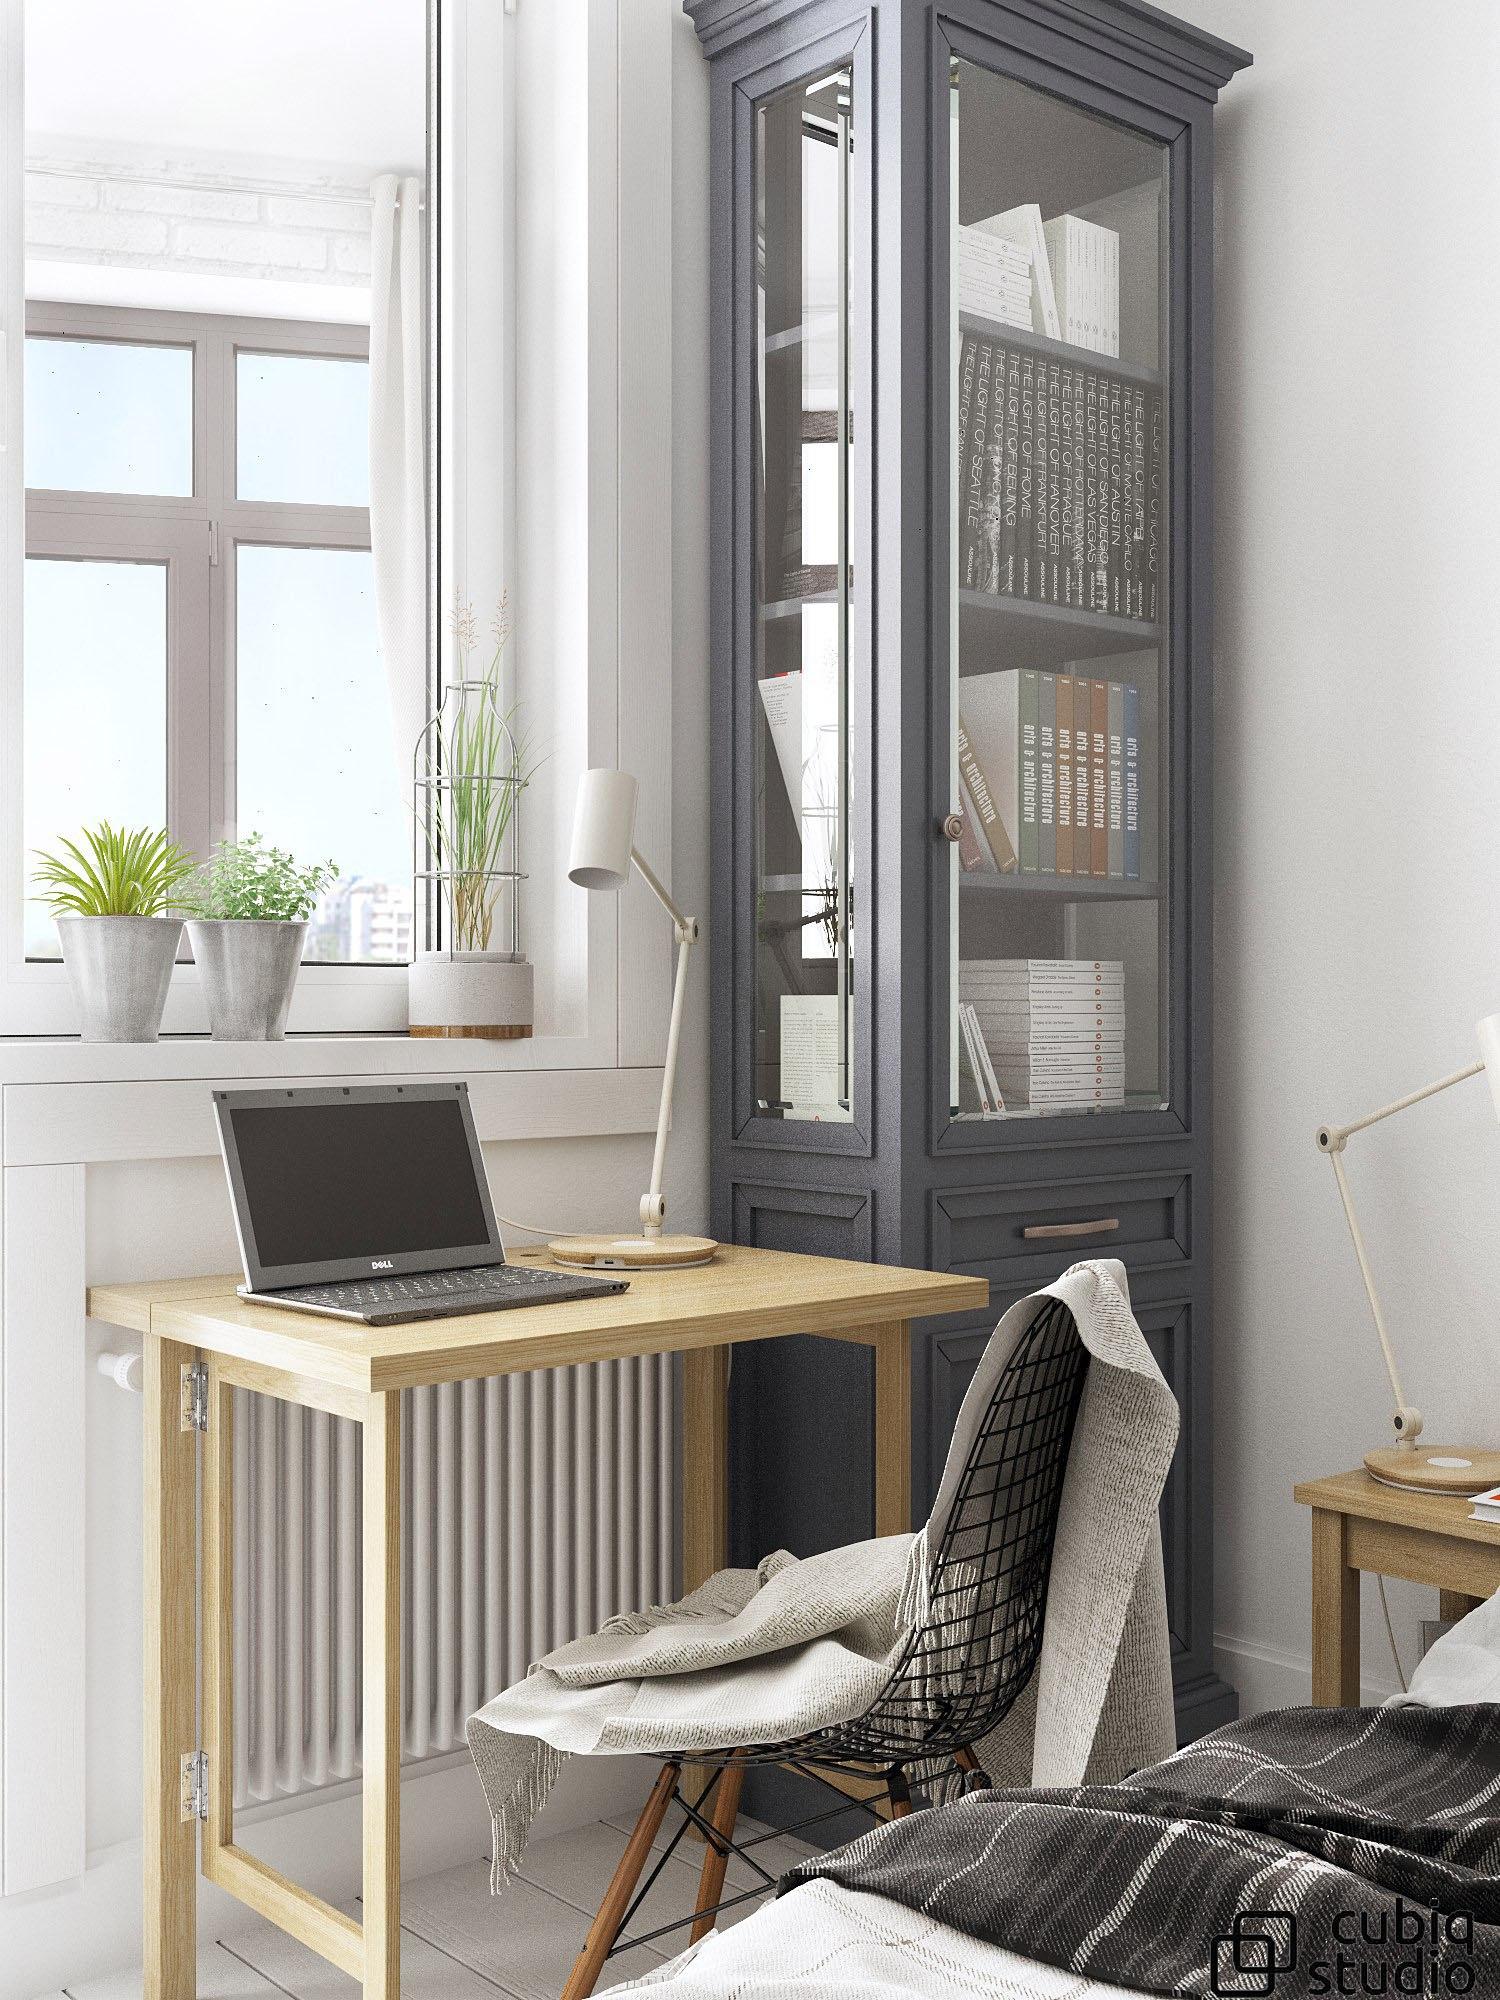 Квартира-студия в скандинавском стиле 28 кв м (с балконом) для молодой пары.